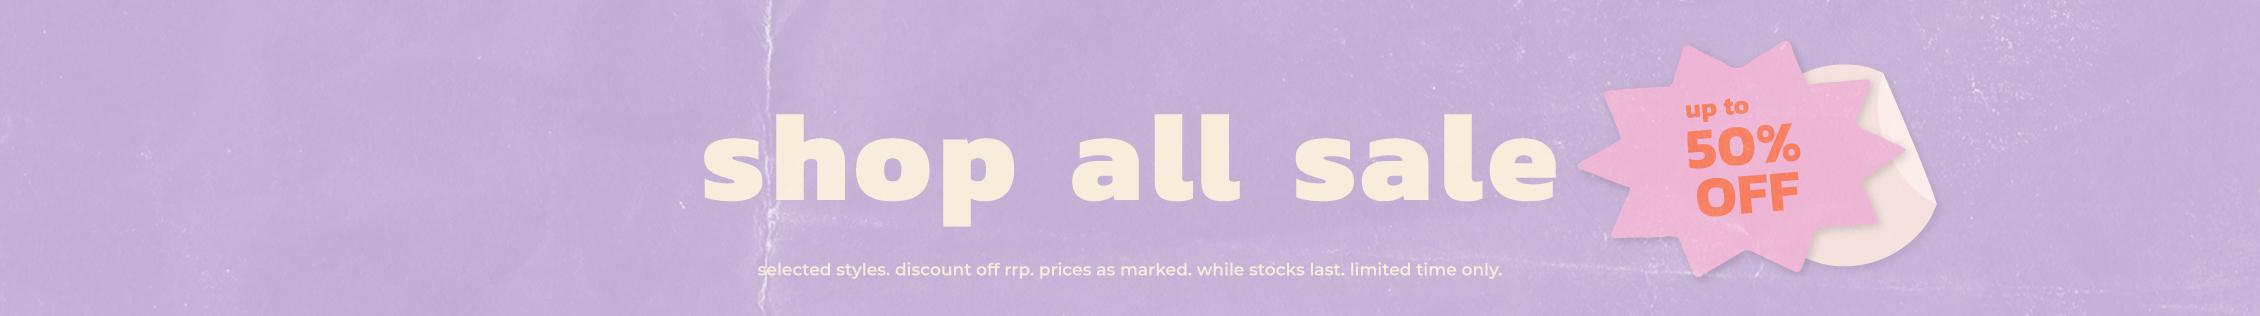 desktop_all sale